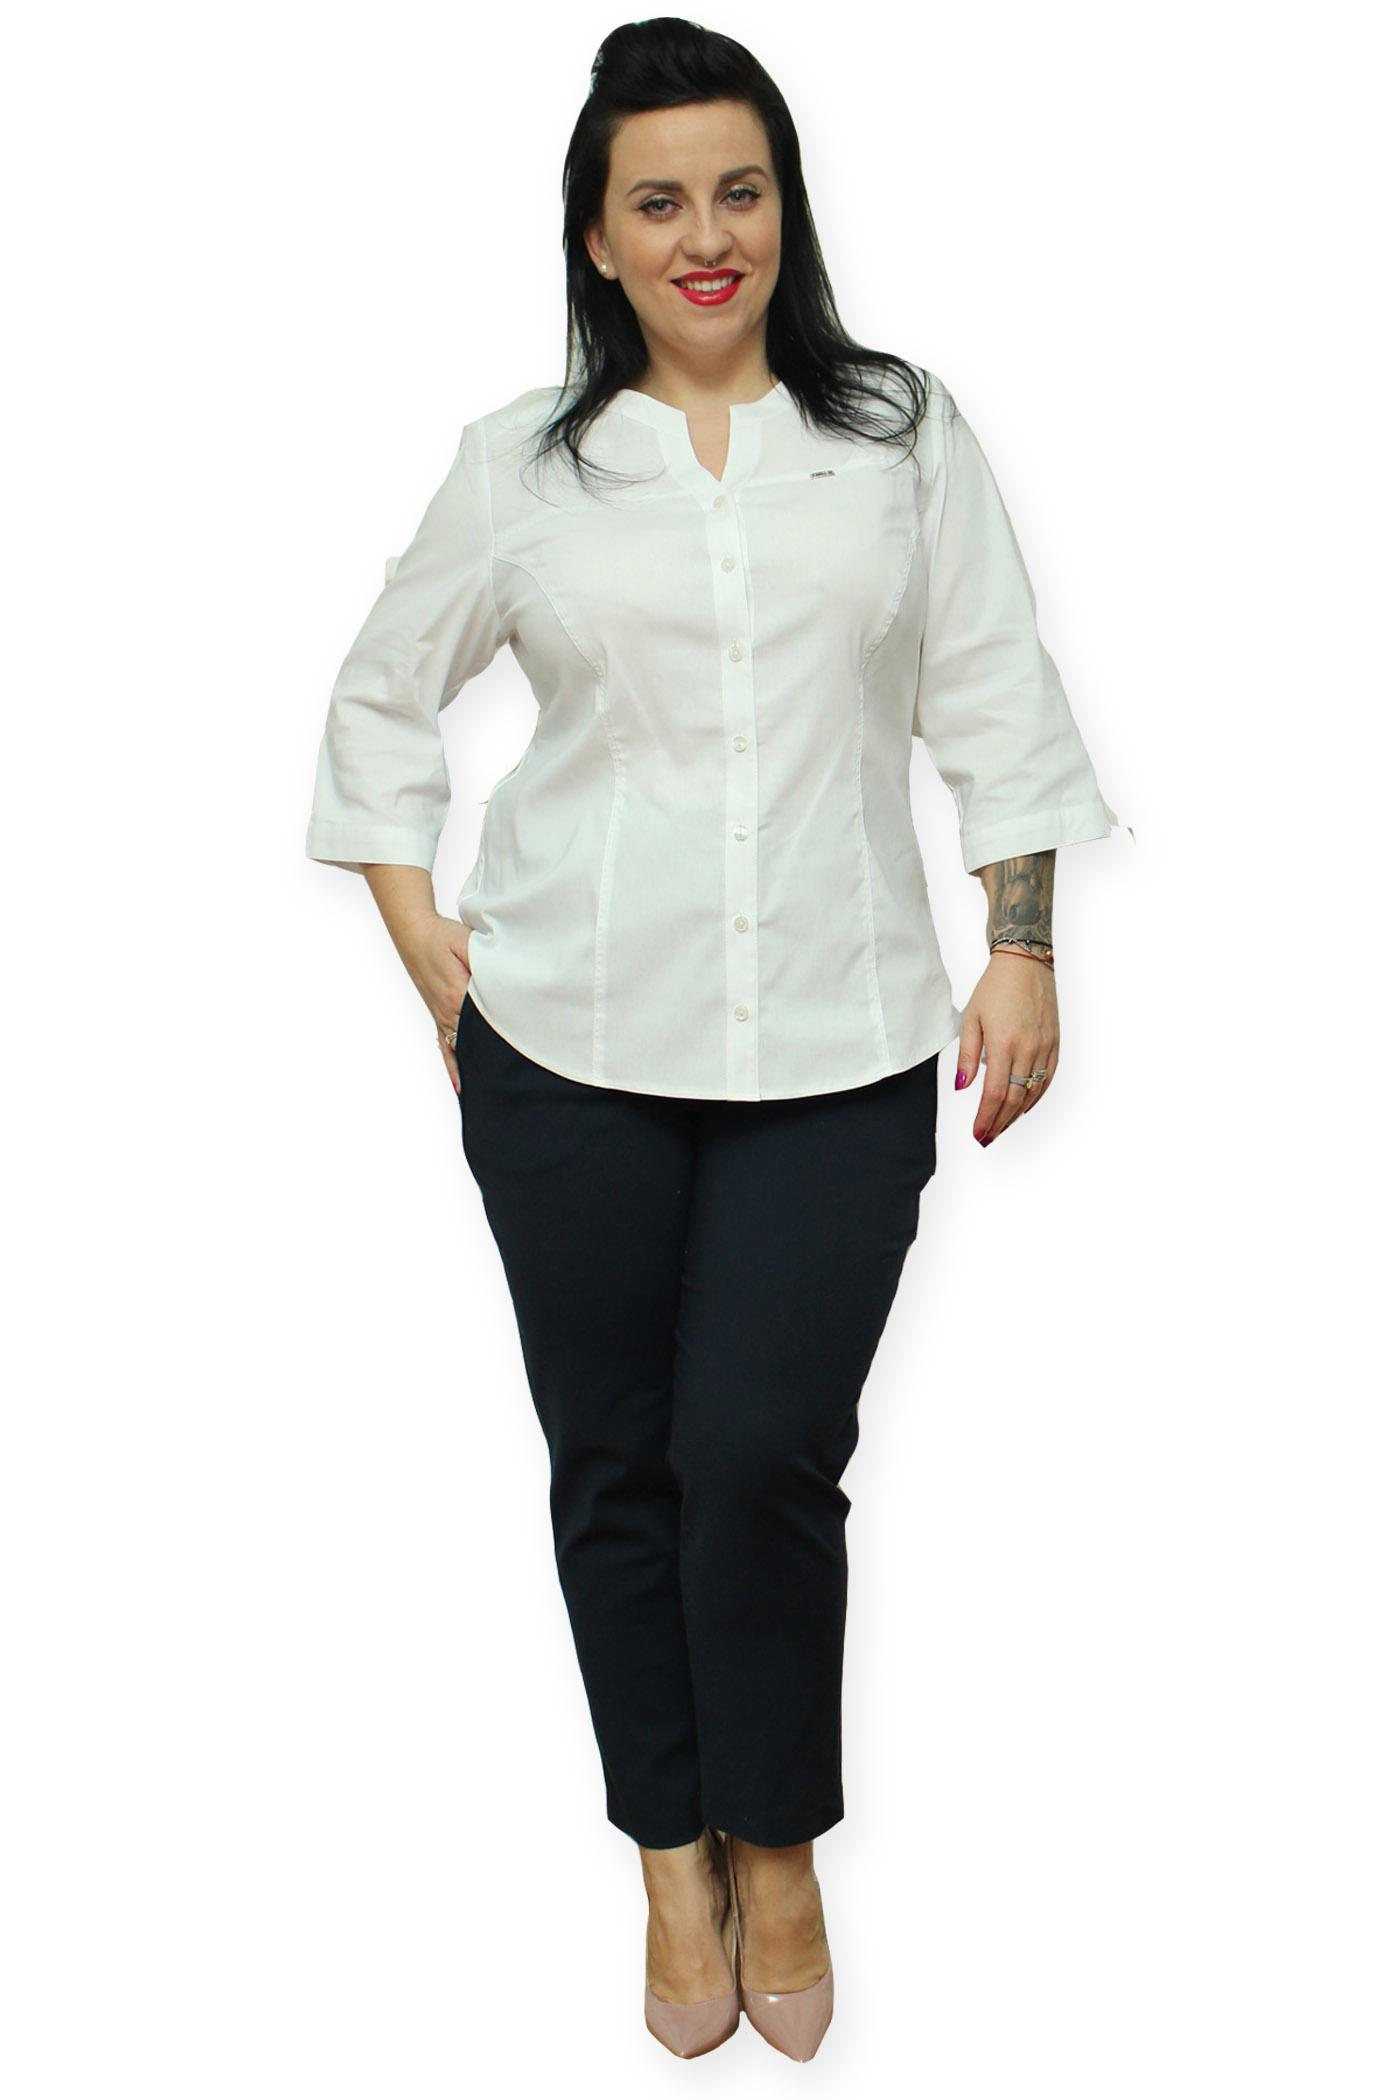 cecc14a3d4 Bluzka koszulowa Sandra stójka biała 54 - 6881530685 - oficjalne ...